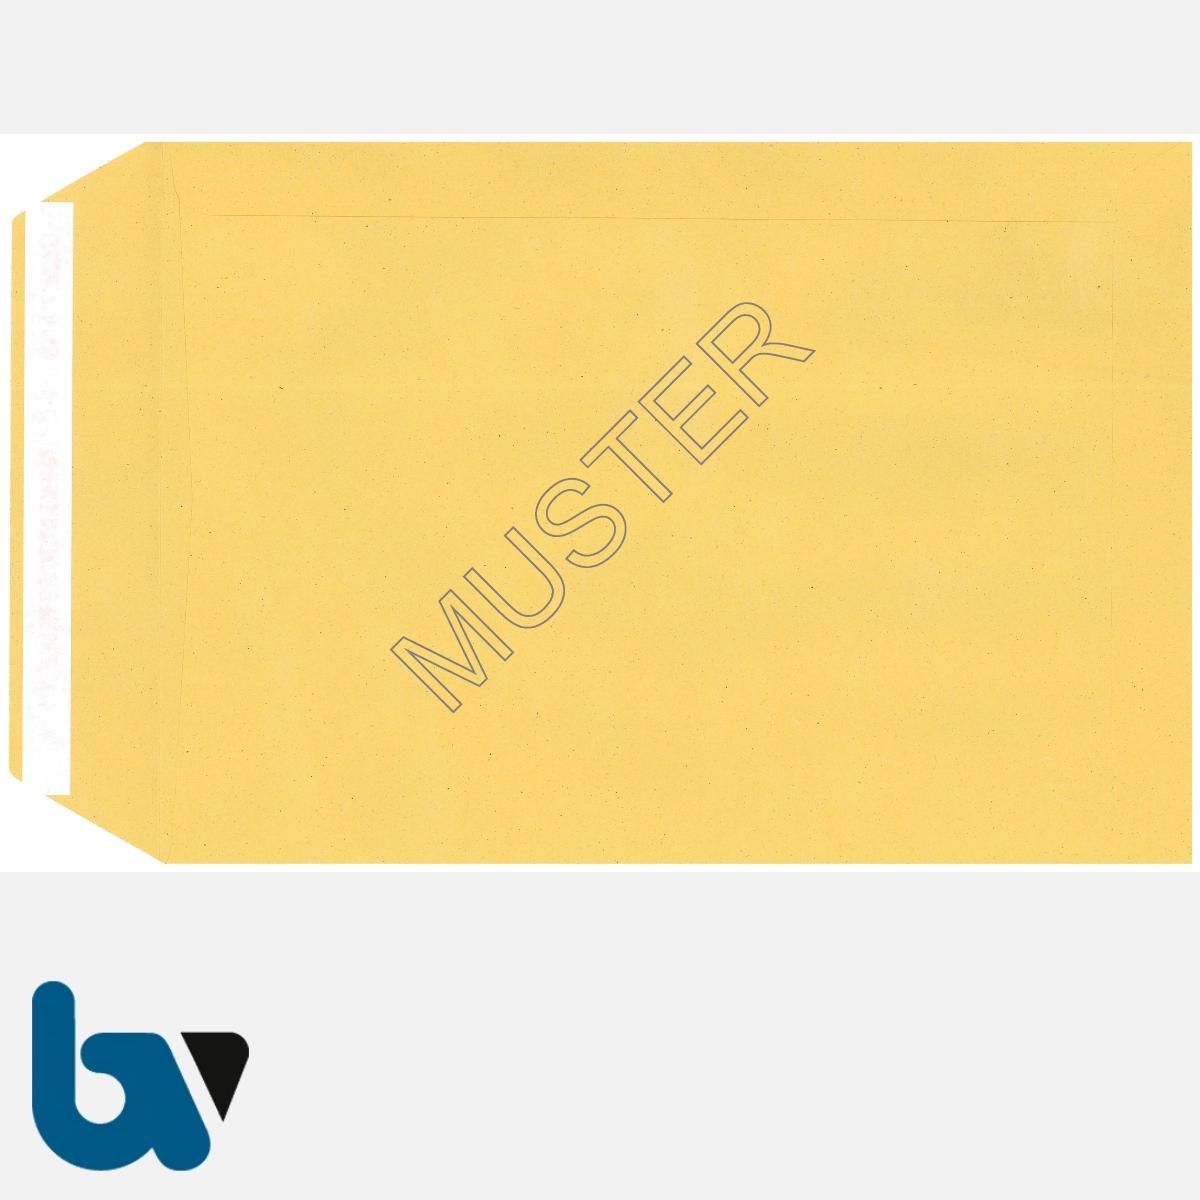 0/102-2 Postzustellungsauftrag - Äußerer Umschlag, DIN B5, ohne Fenster, haftklebend, Rückseite | Borgard Verlag GmbH